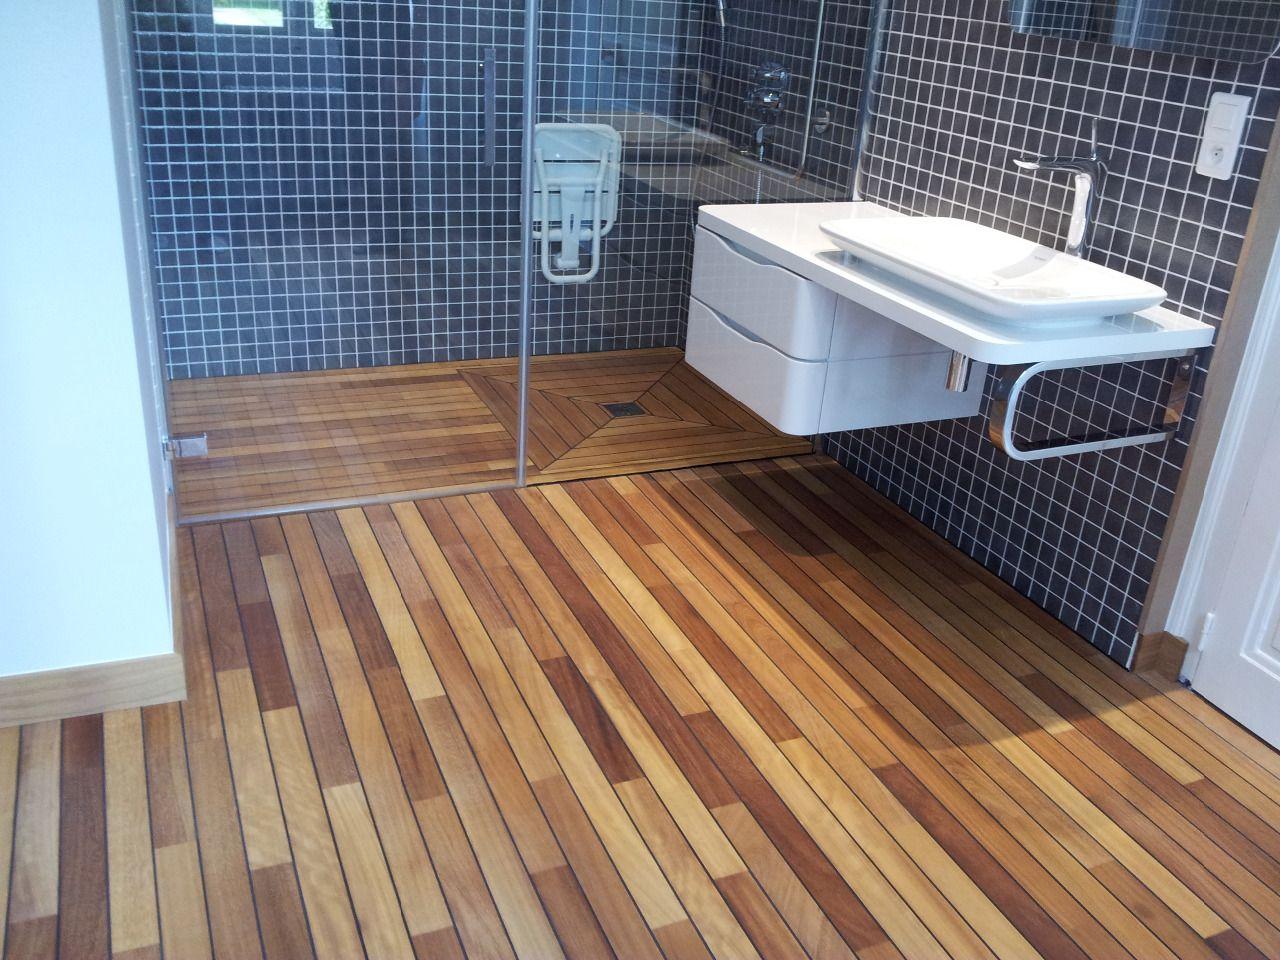 arcobois parquet pont de bateau en iroko salle de bain pinterest salle salle de bain et. Black Bedroom Furniture Sets. Home Design Ideas